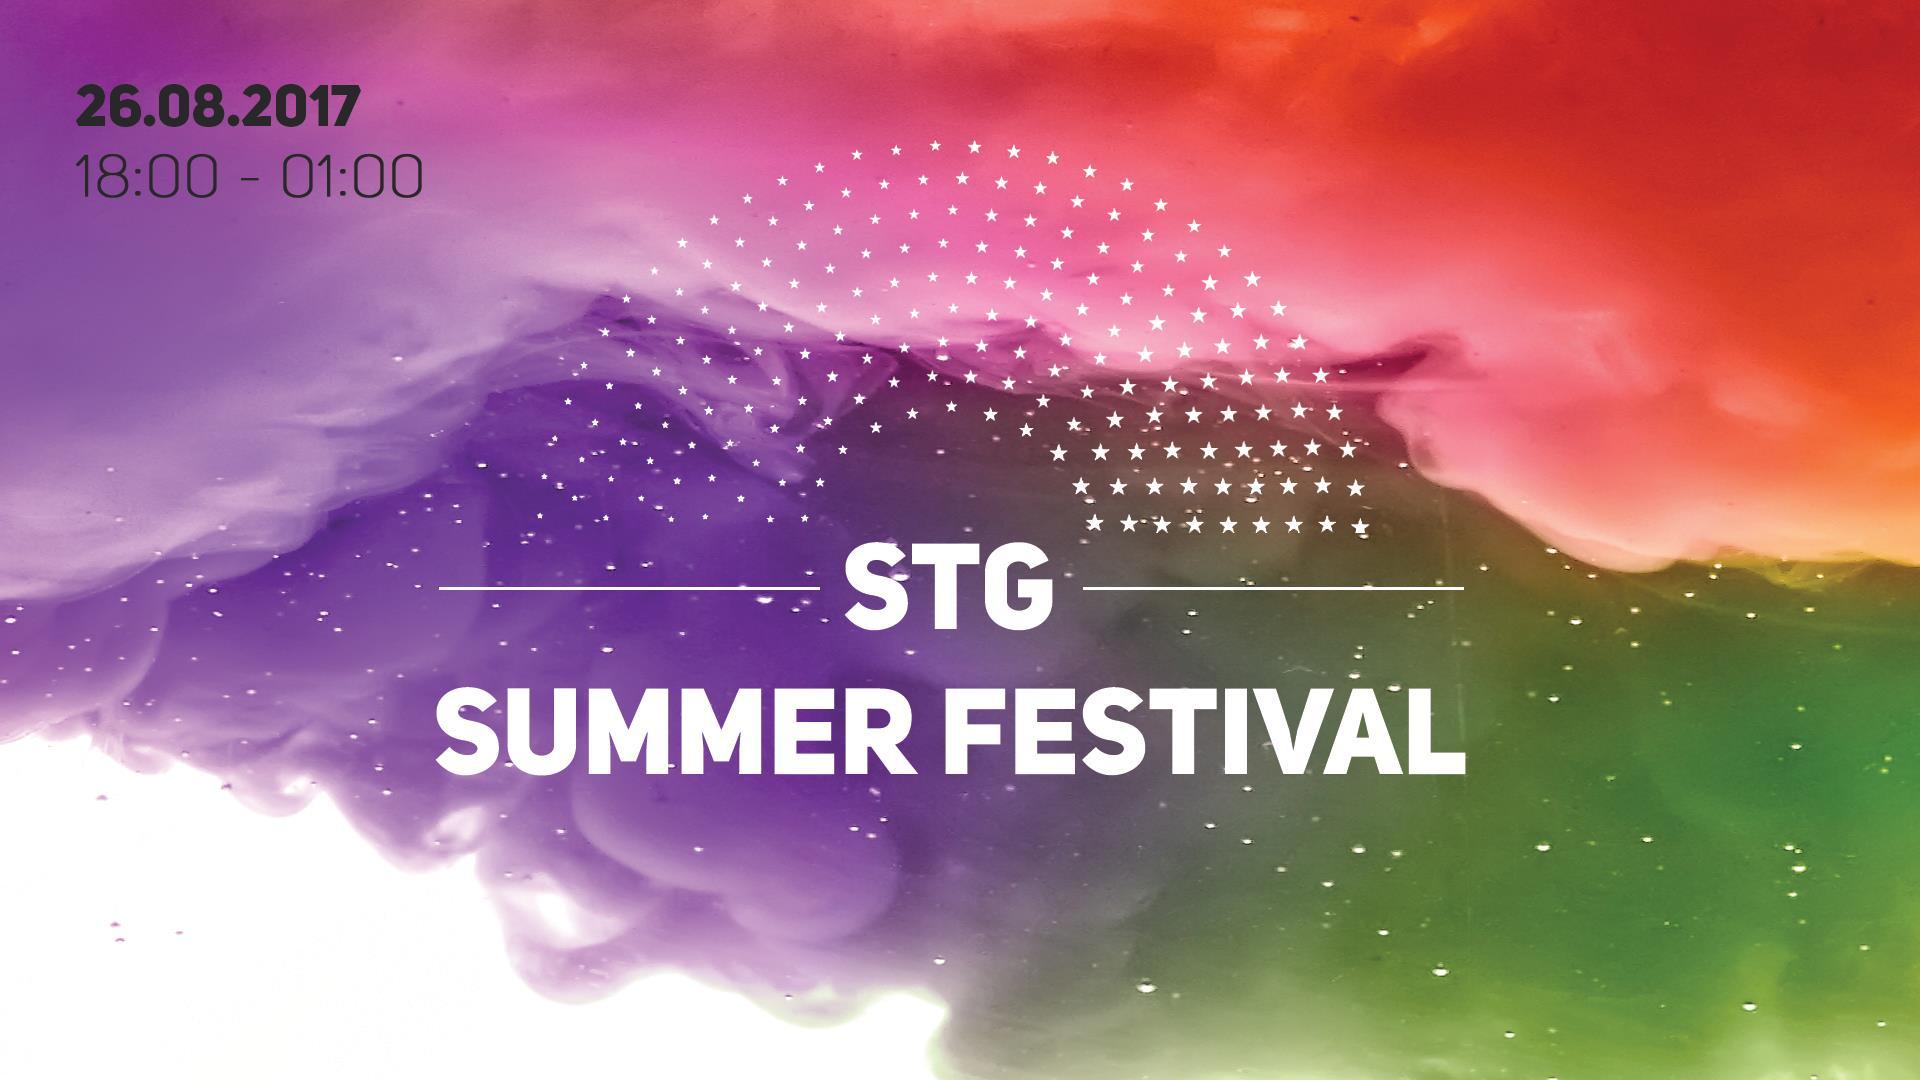 STG Summer Festival